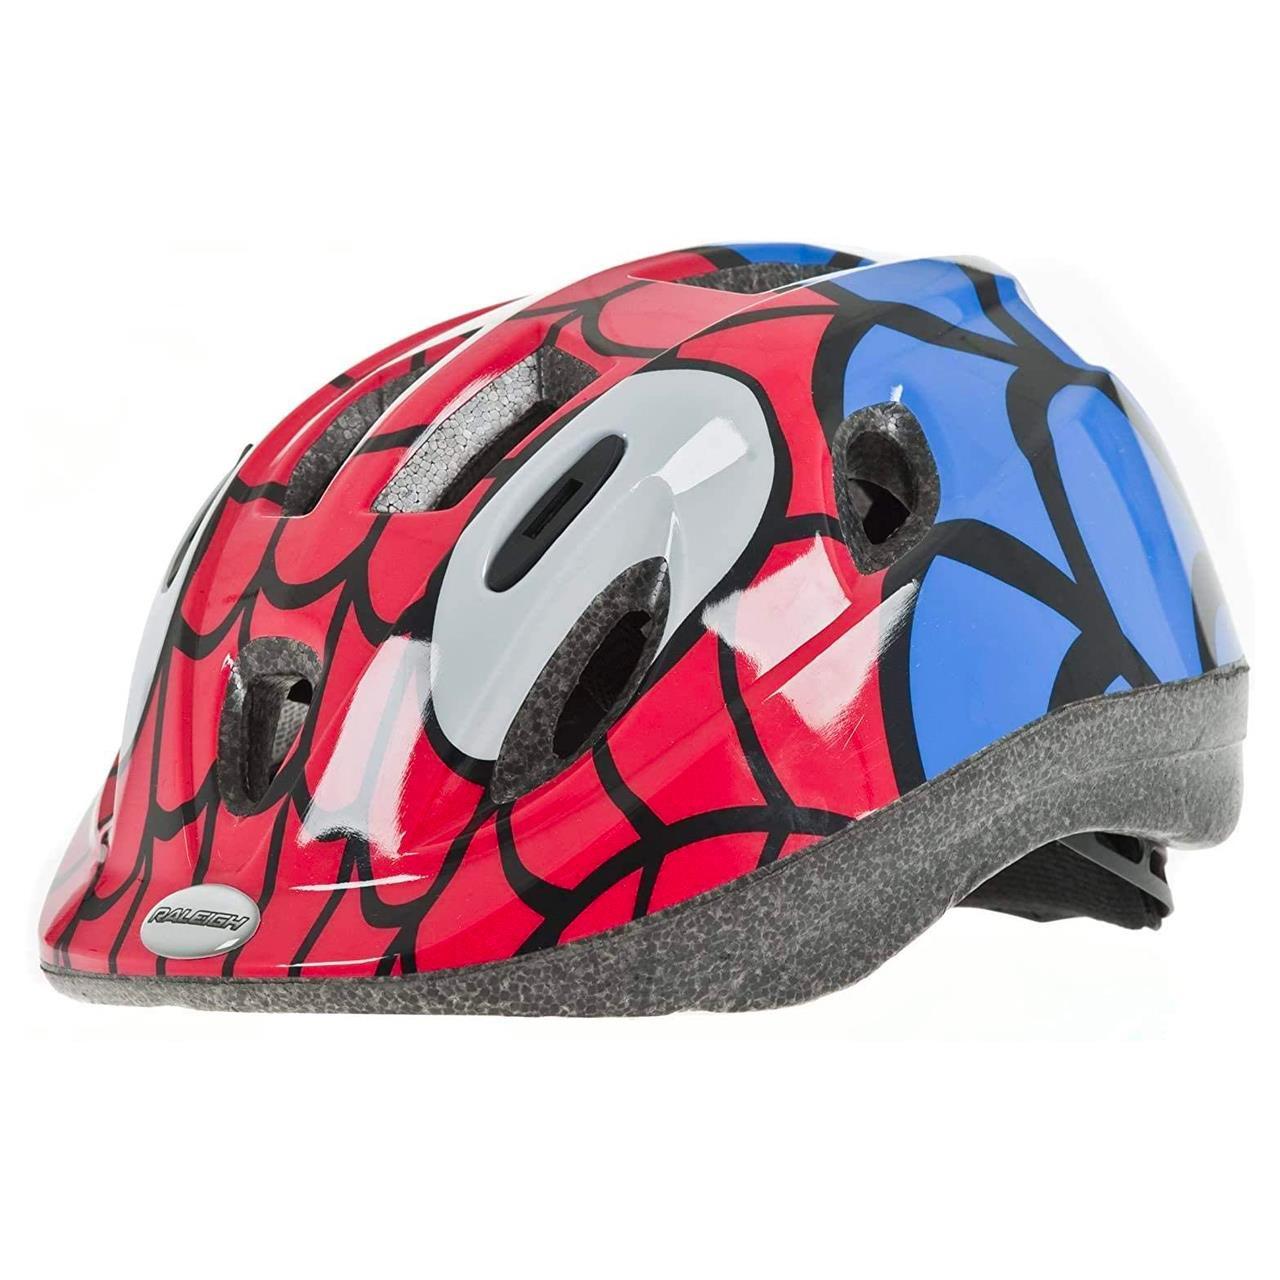 Raleigh Kids' Mystery Spiderman Cycle Helmet (48 - 54cm)